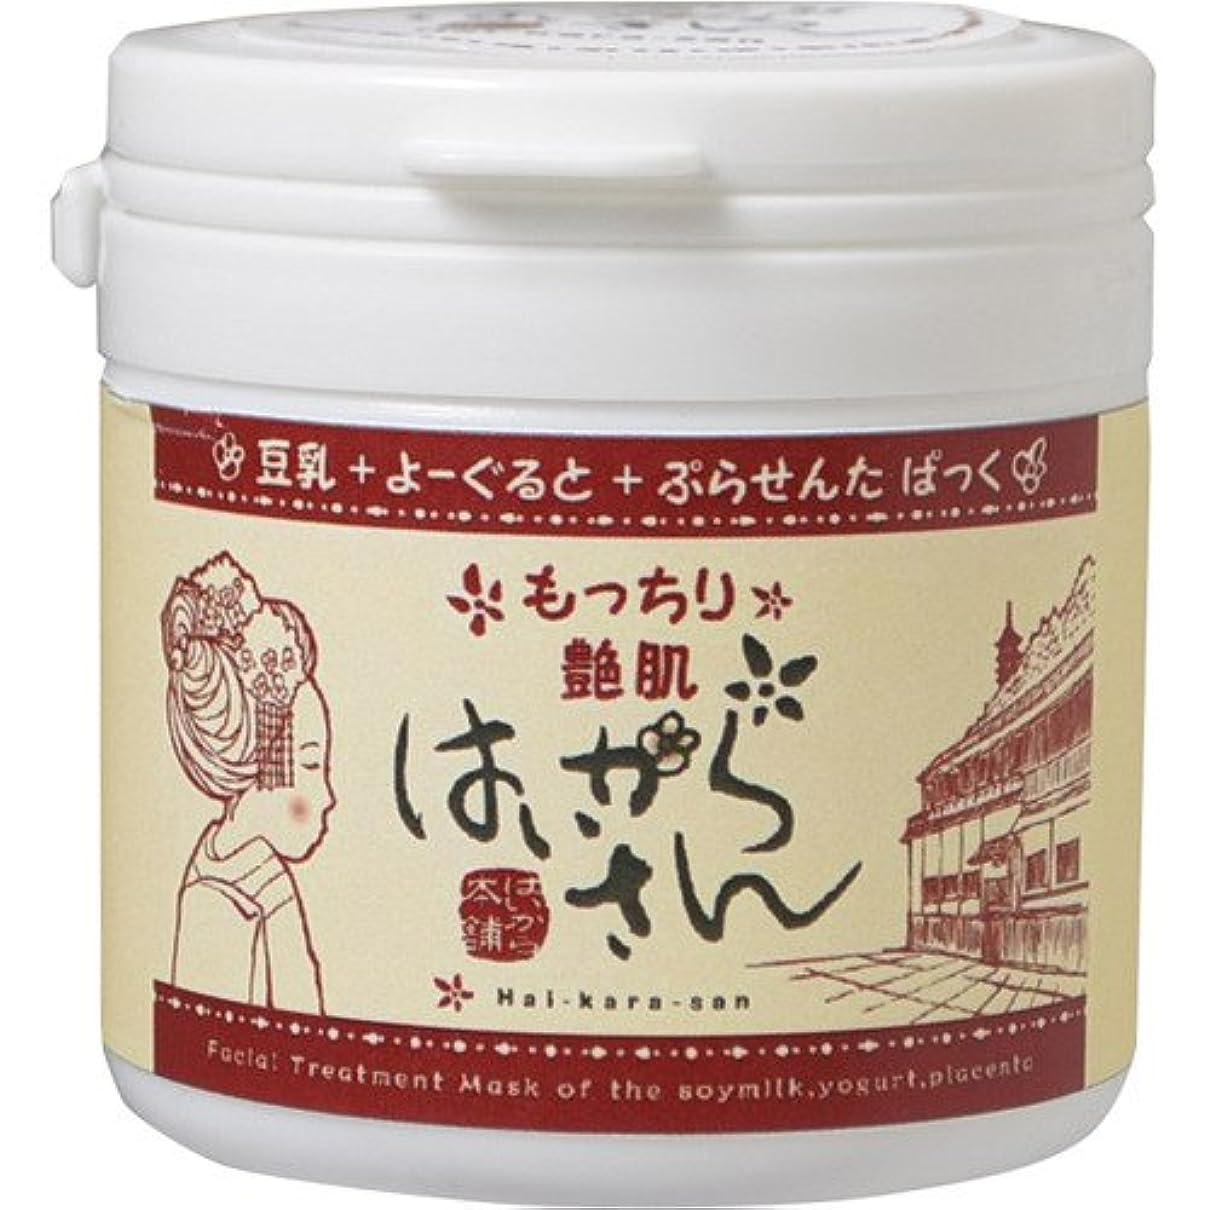 ピック入札番目進製作所 豆乳よーぐるとぱっく はいからさん 150g